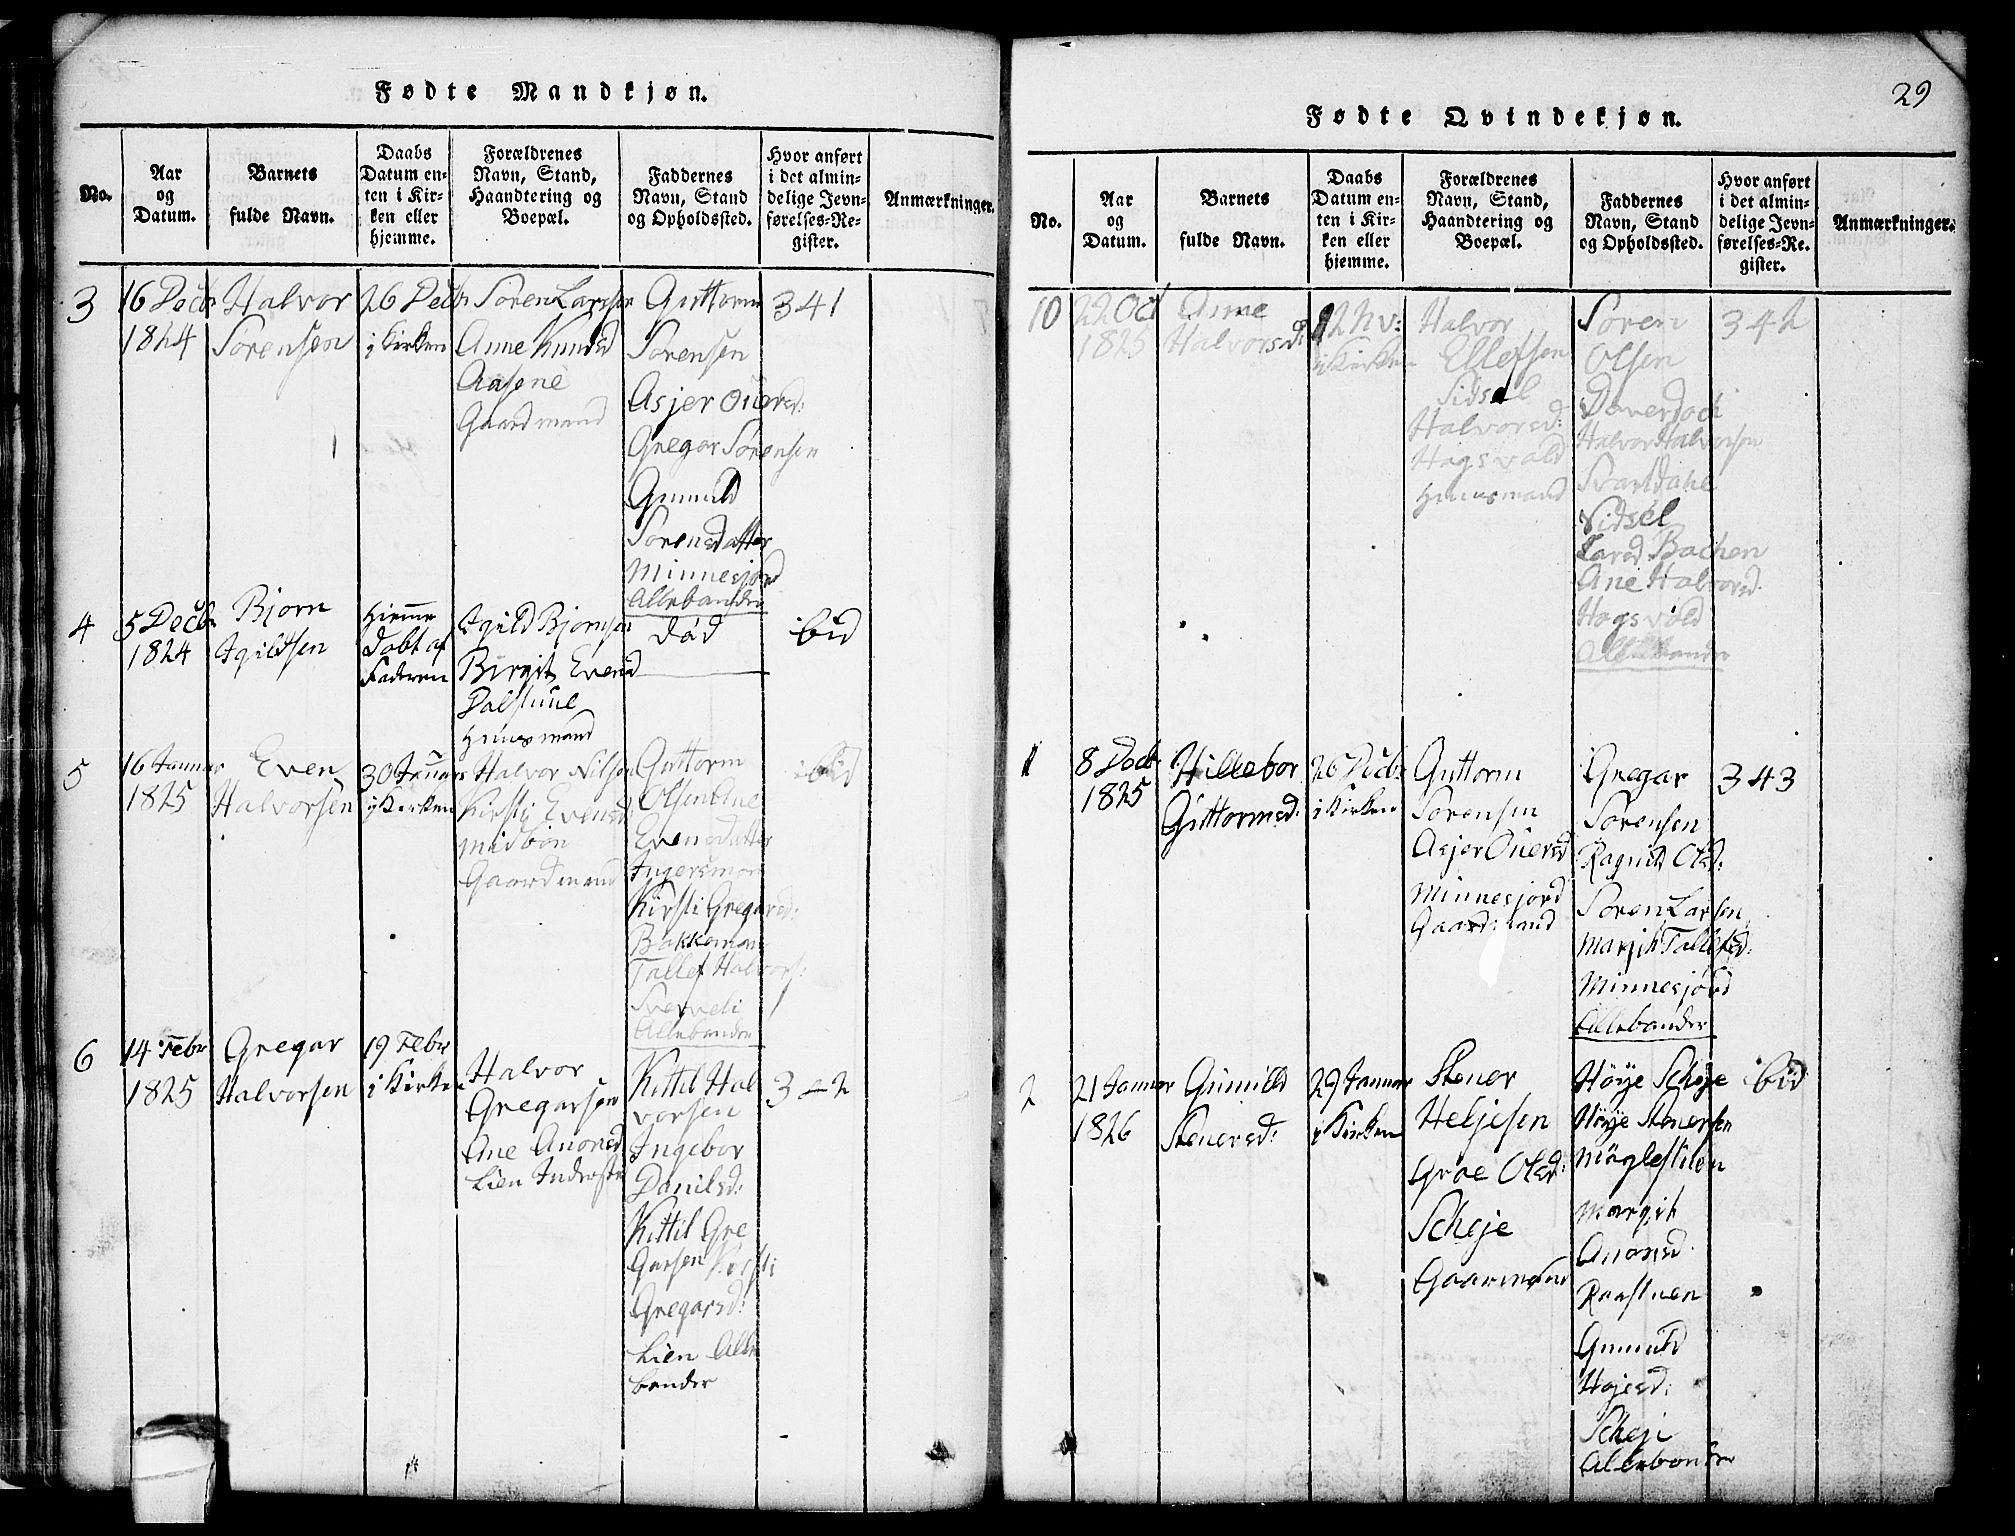 SAKO, Seljord kirkebøker, G/Gb/L0002: Klokkerbok nr. II 2, 1815-1854, s. 29